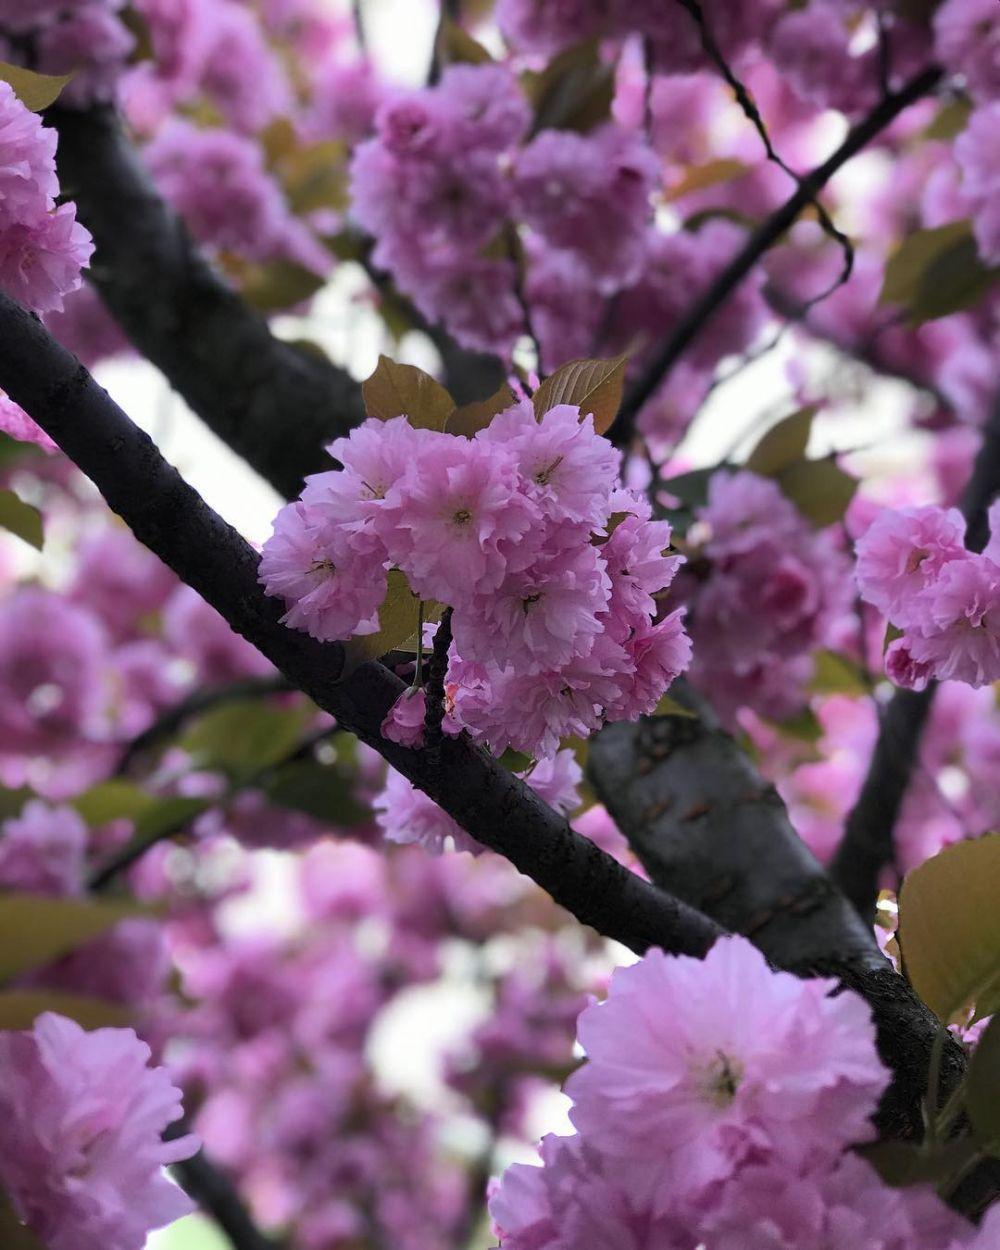 В Ужгороде много декоративных японских вишен можно увидеть в районе набережной реки Уж.